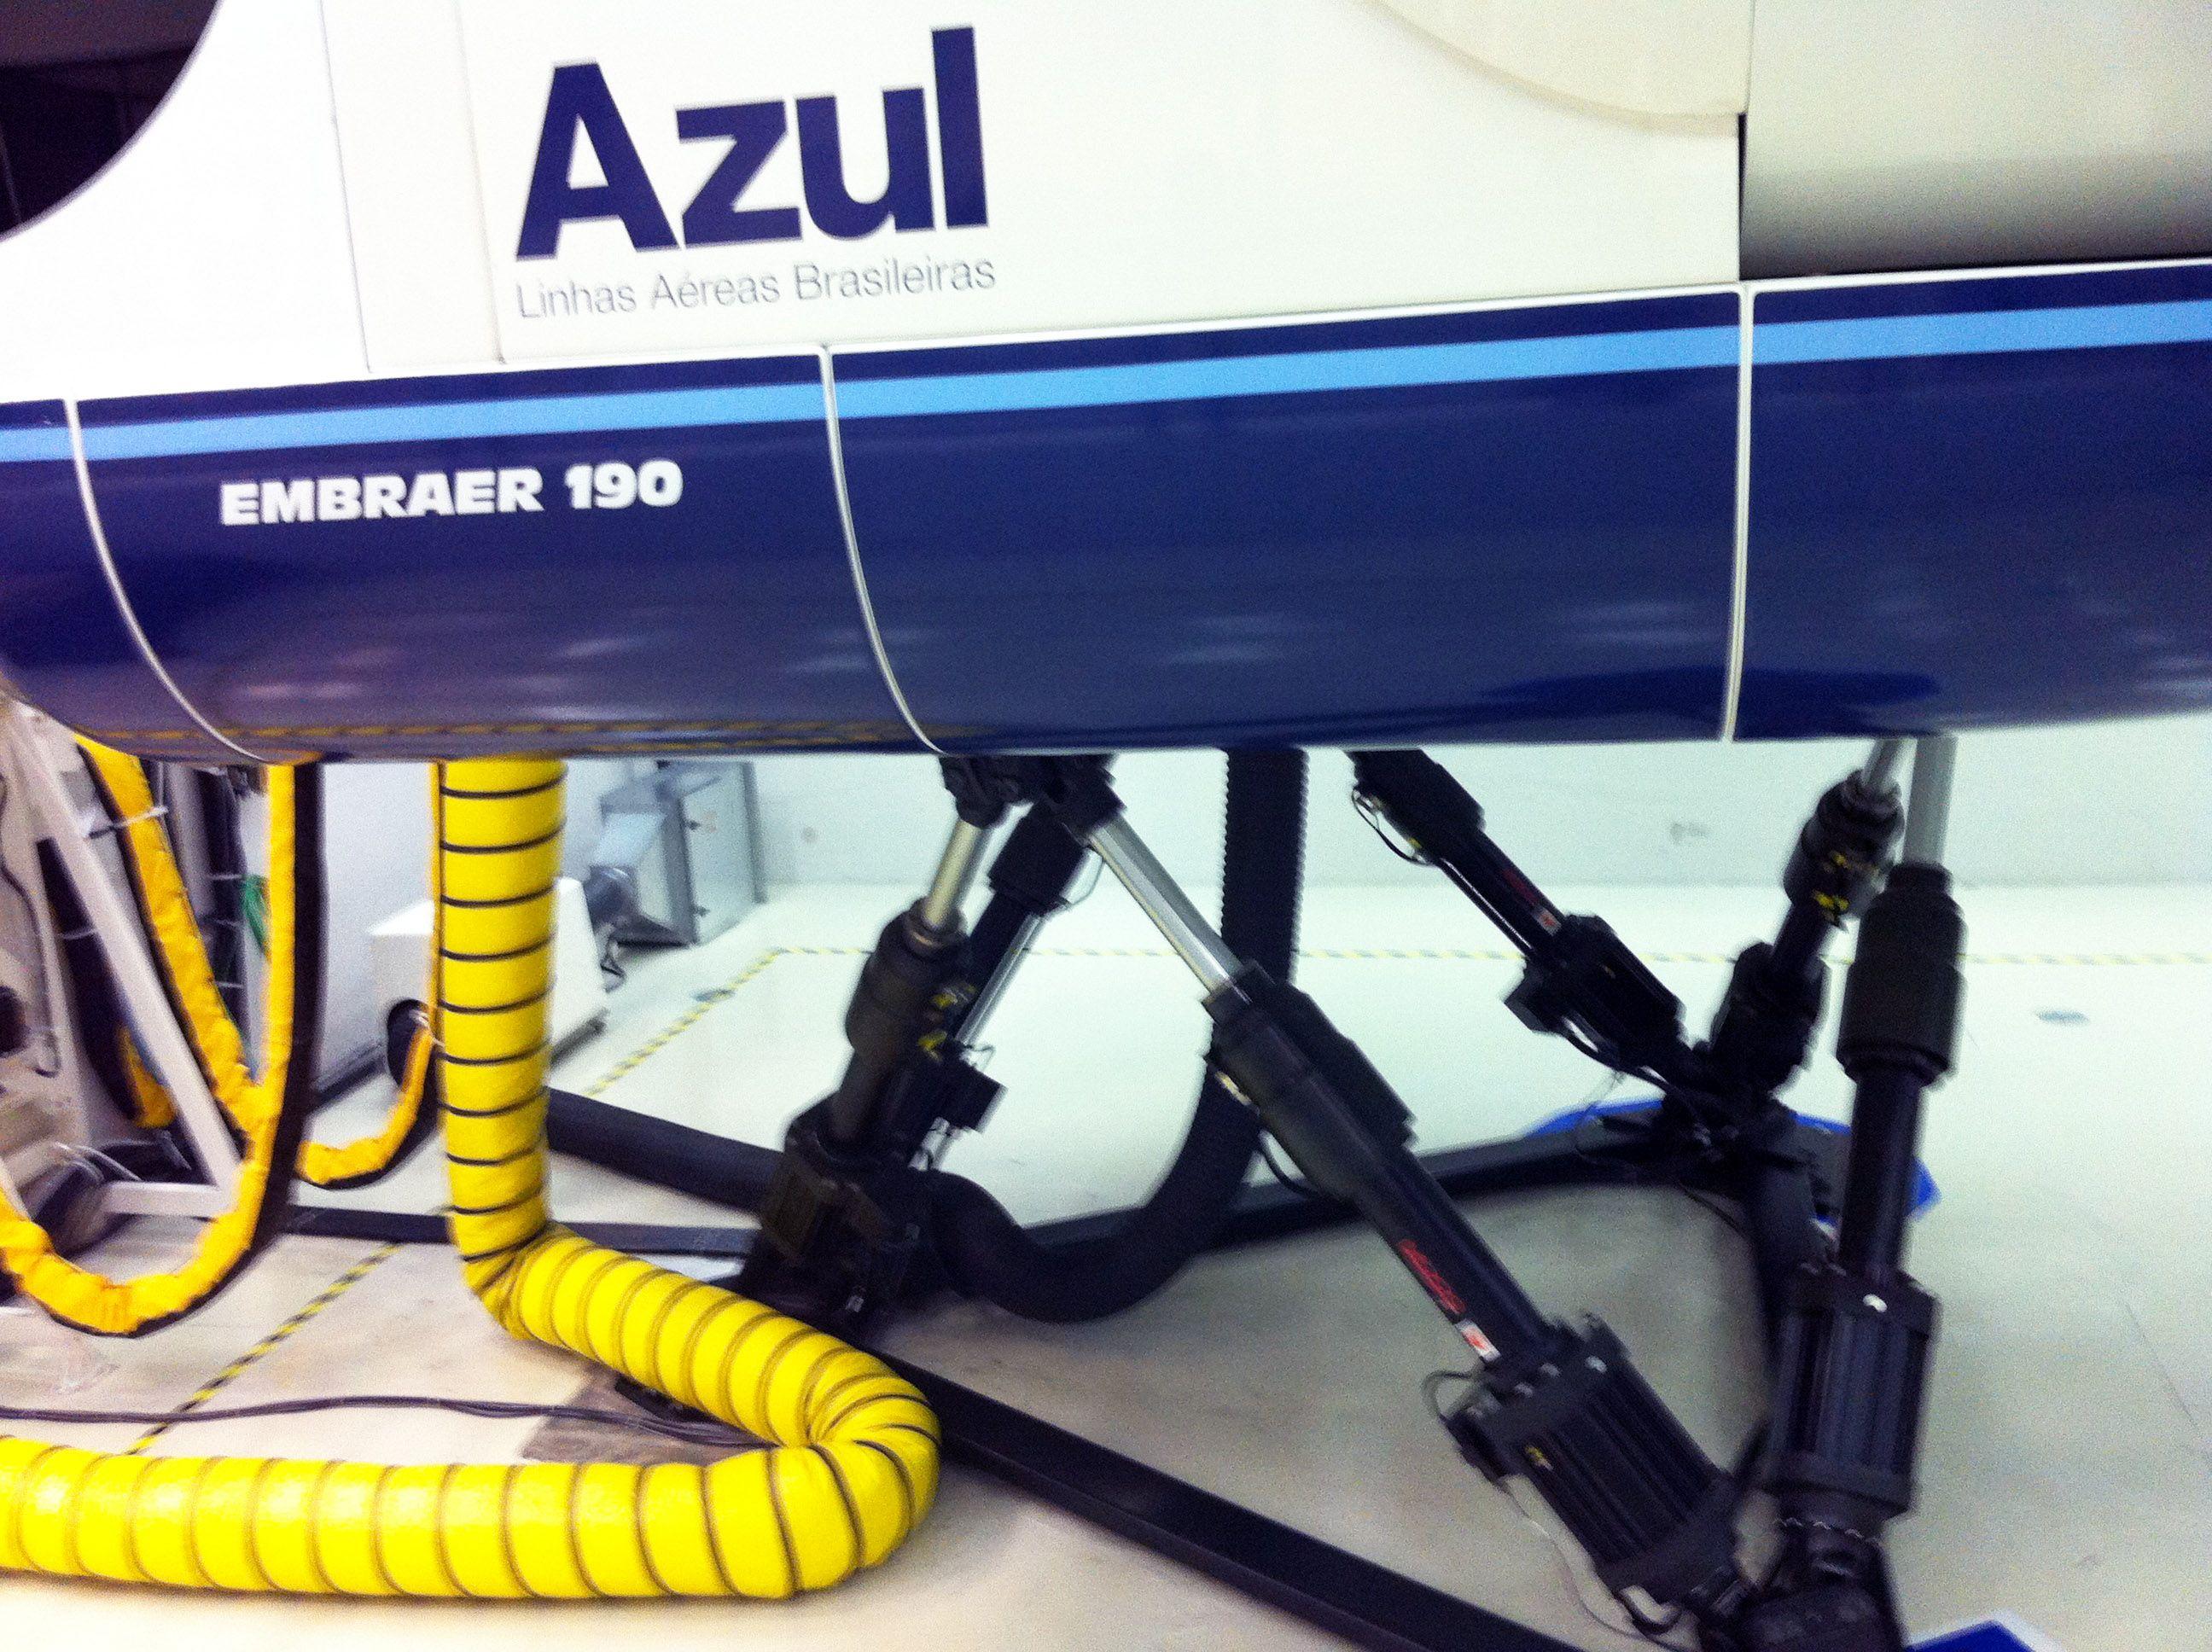 7a787fcd6d Detalhes   Simulador de voo Embraer 190.   Pinterest   Home ...